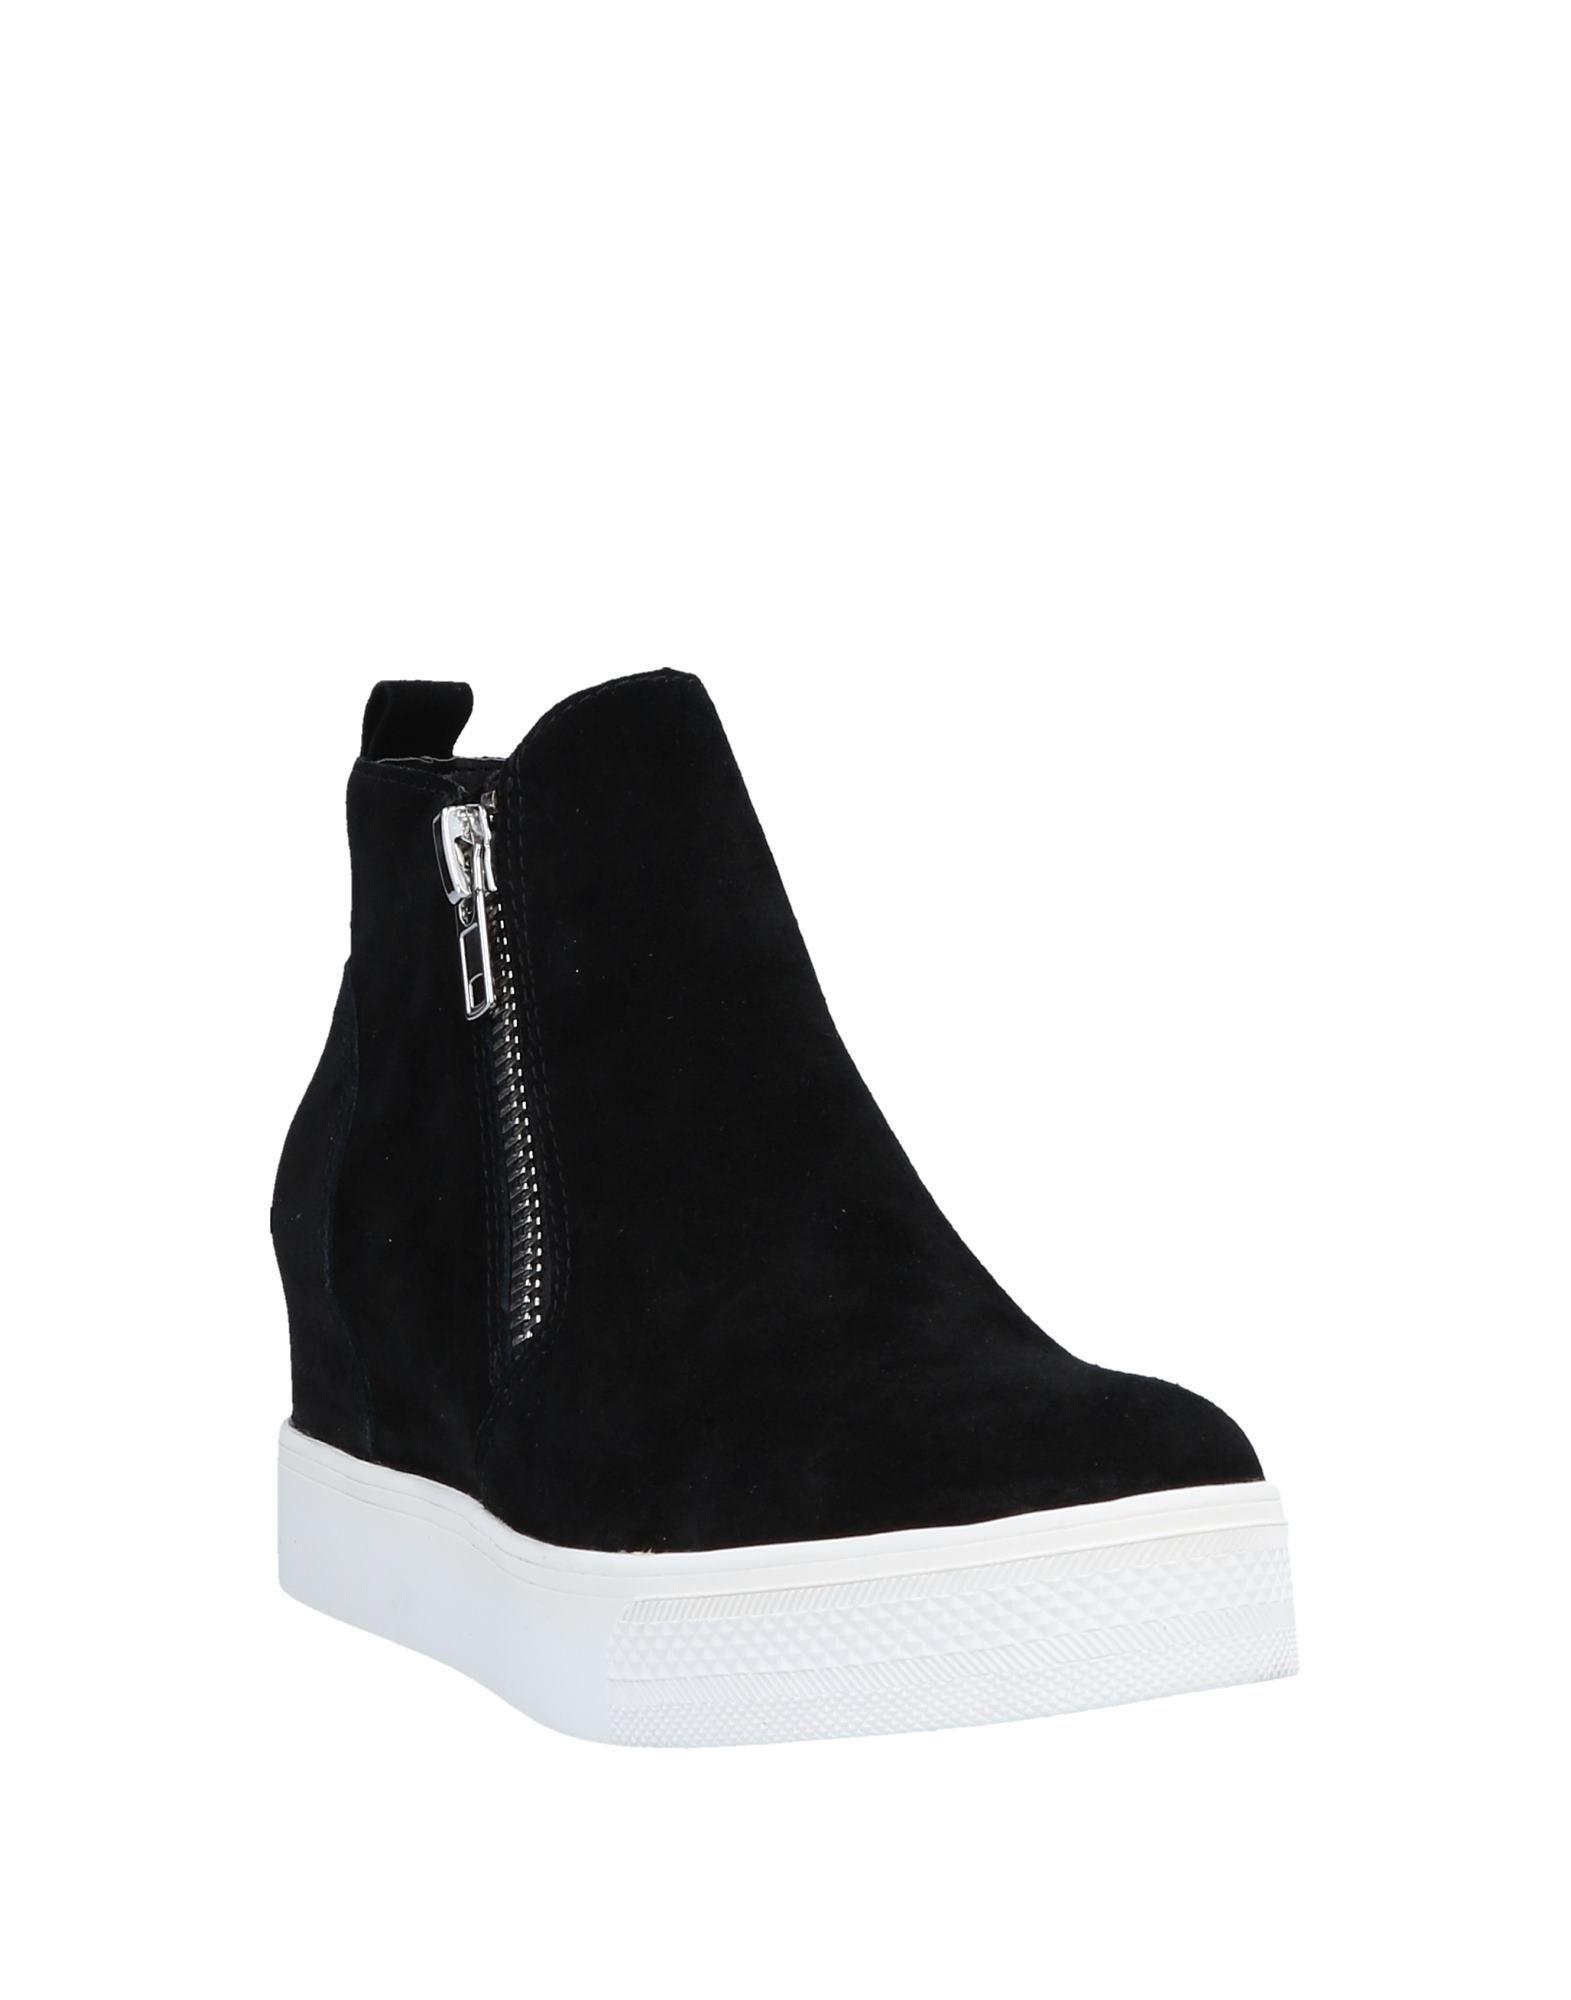 Steve Madden Stiefelette Gute Damen 11565590XG Gute Stiefelette Qualität beliebte Schuhe 1fe090